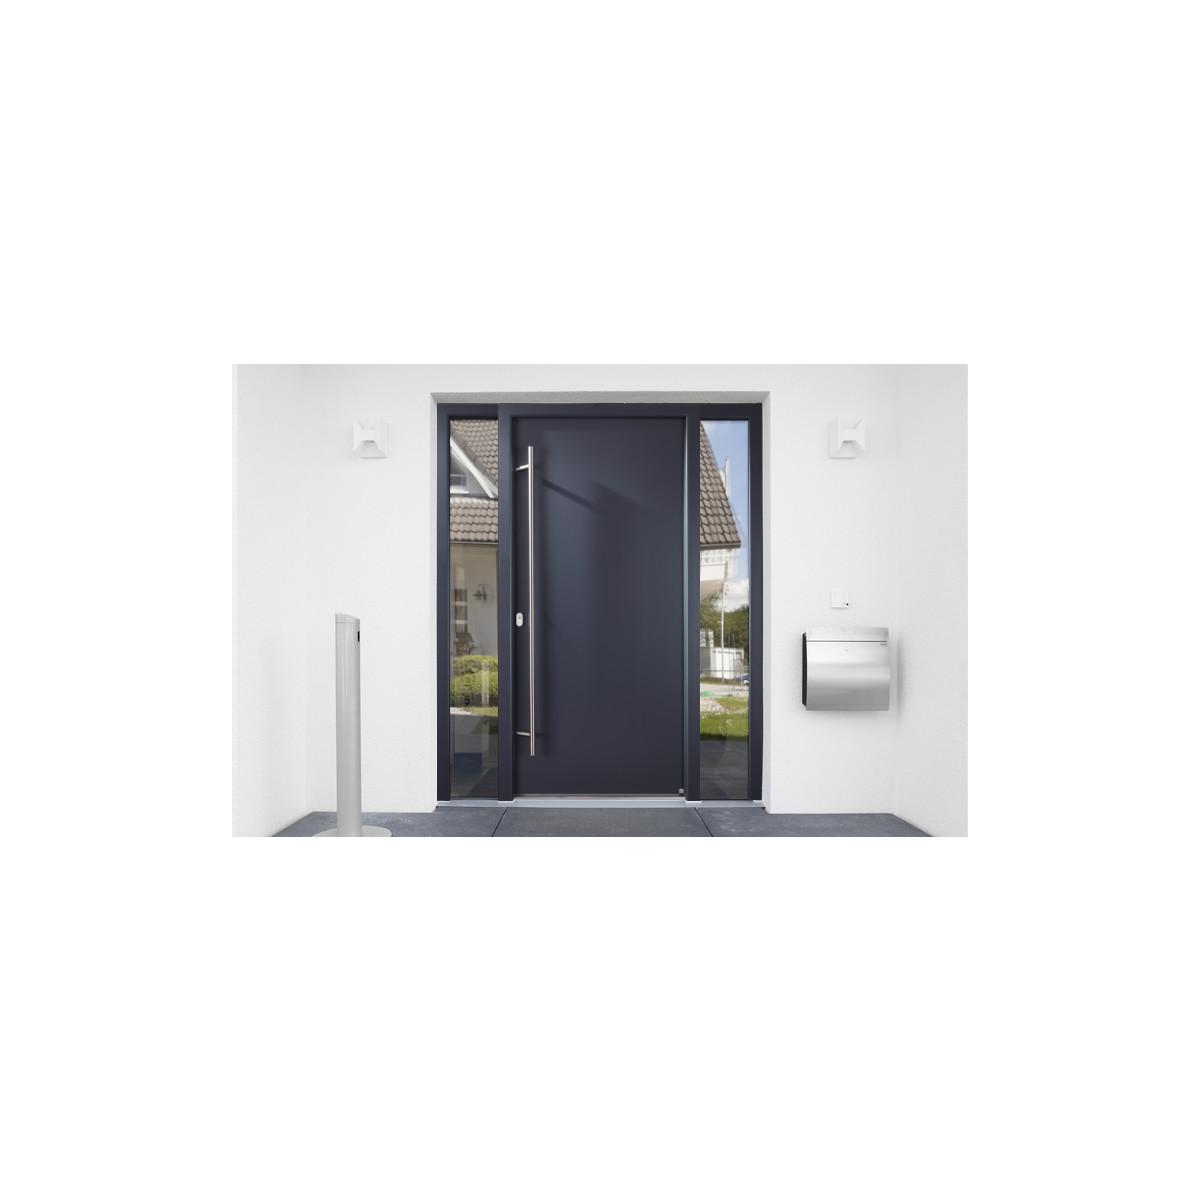 Seitenteil für Aluminium Haustüren der Serie A600S2 Farbe beidse ...